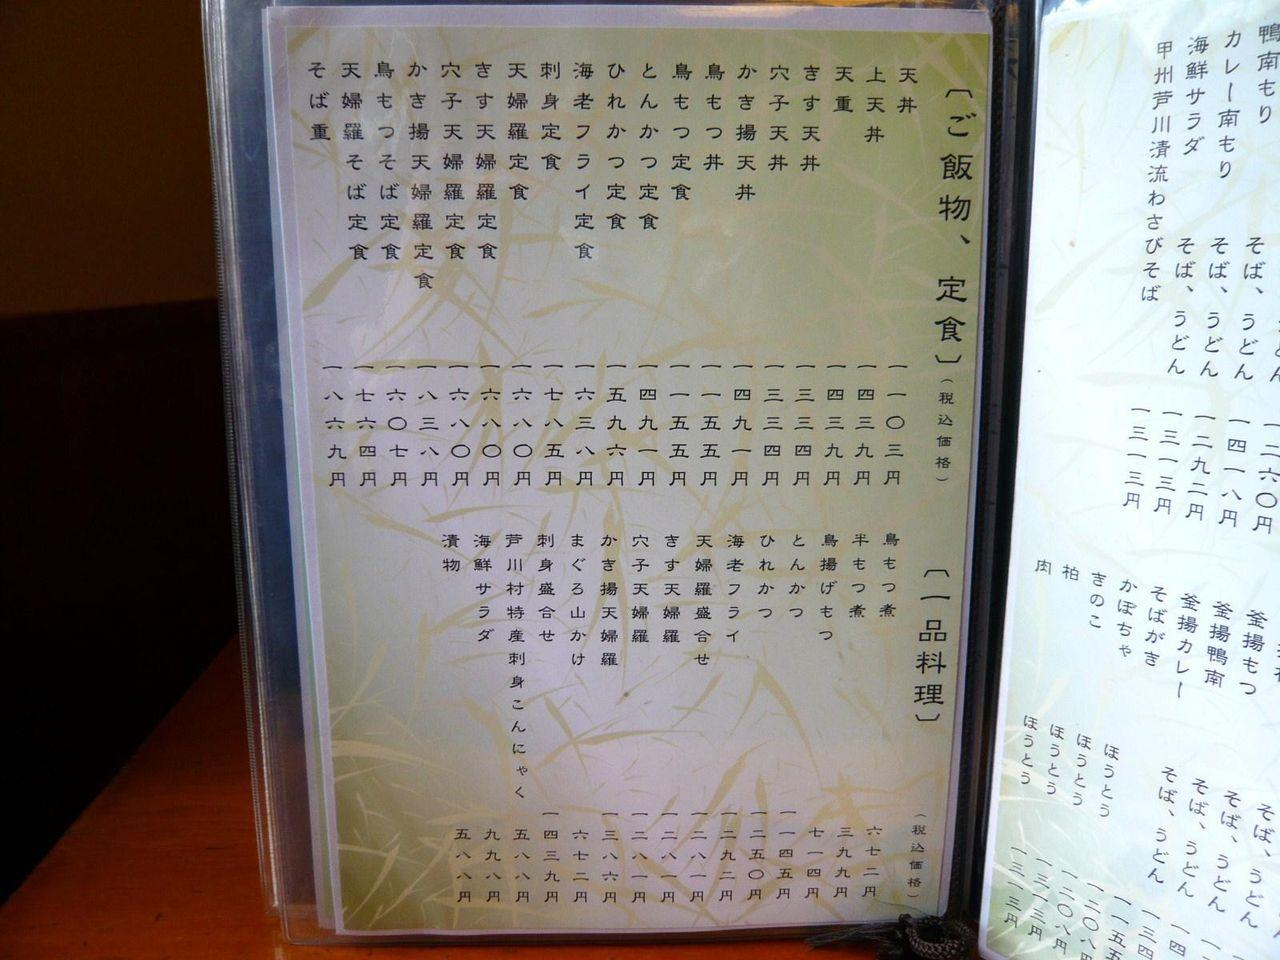 川田奥藤第二分店のメニュー(23年5月現在)